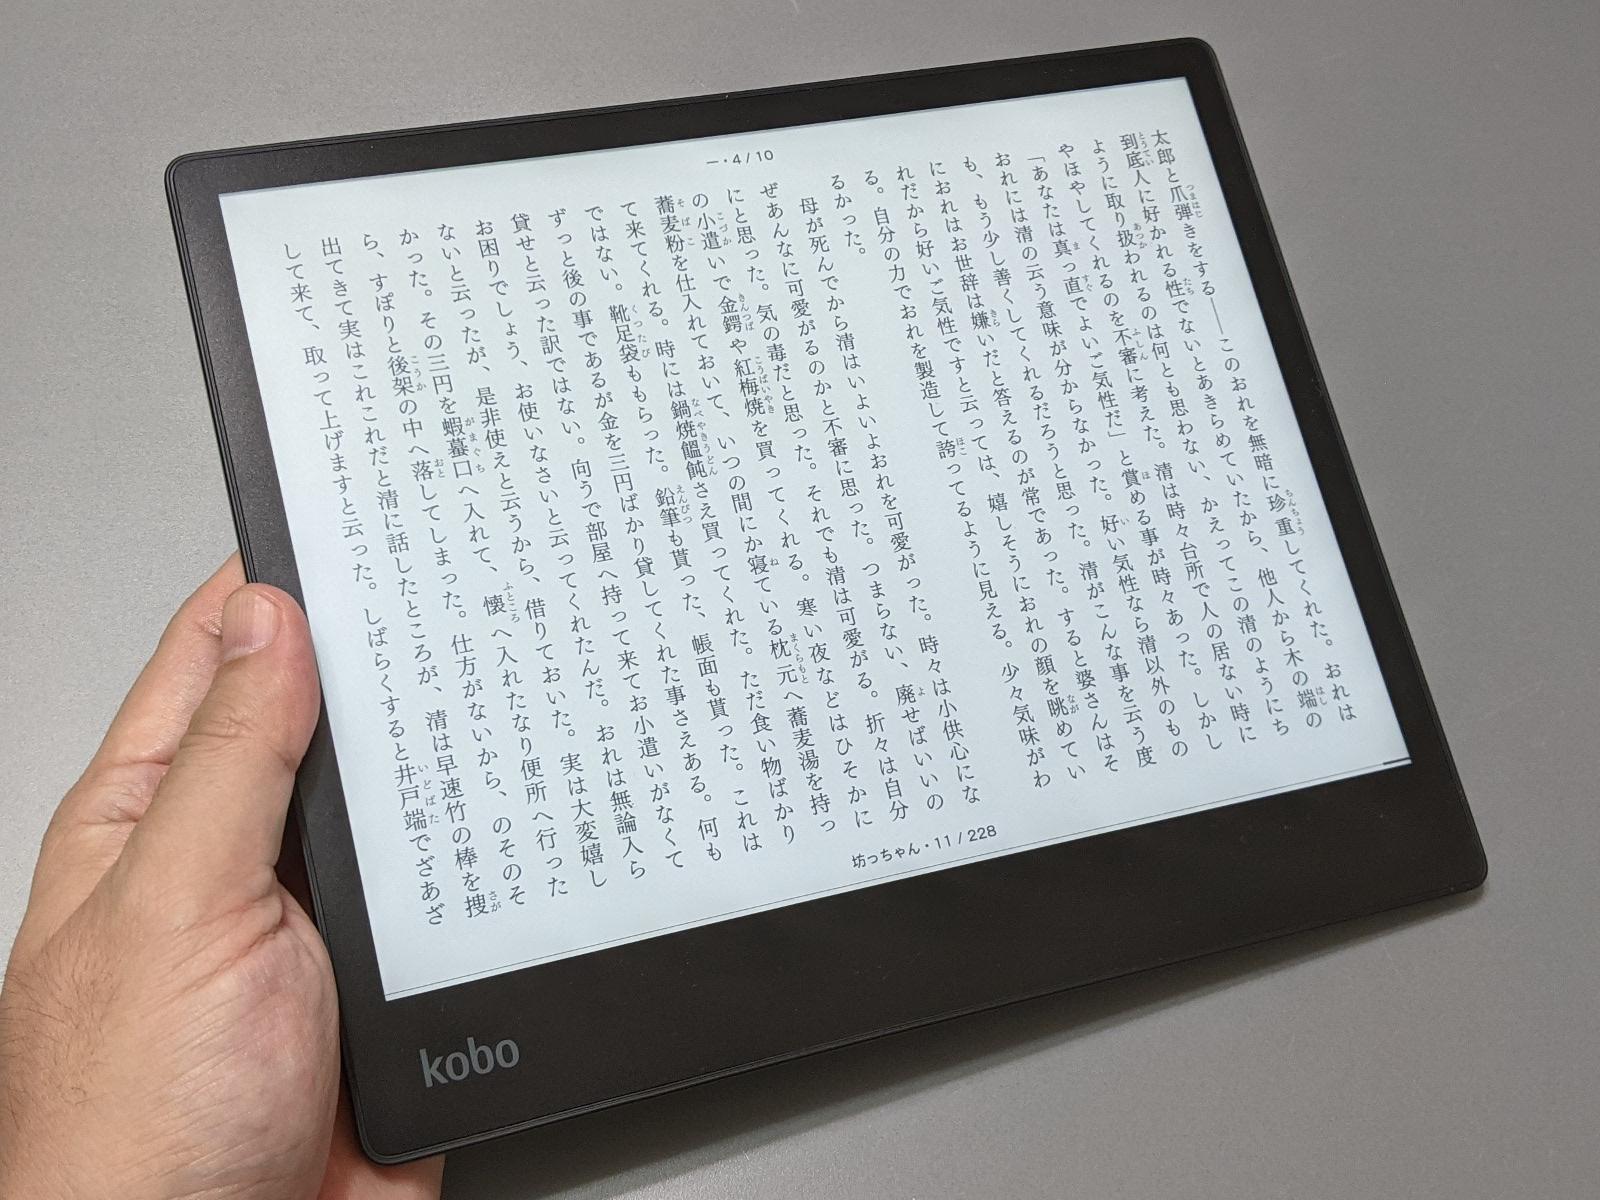 「Kobo Elipsa」。画面サイズはiPad AirやBOOX Note Airとほぼ同等。フロントライトは1色(寒色)のみ